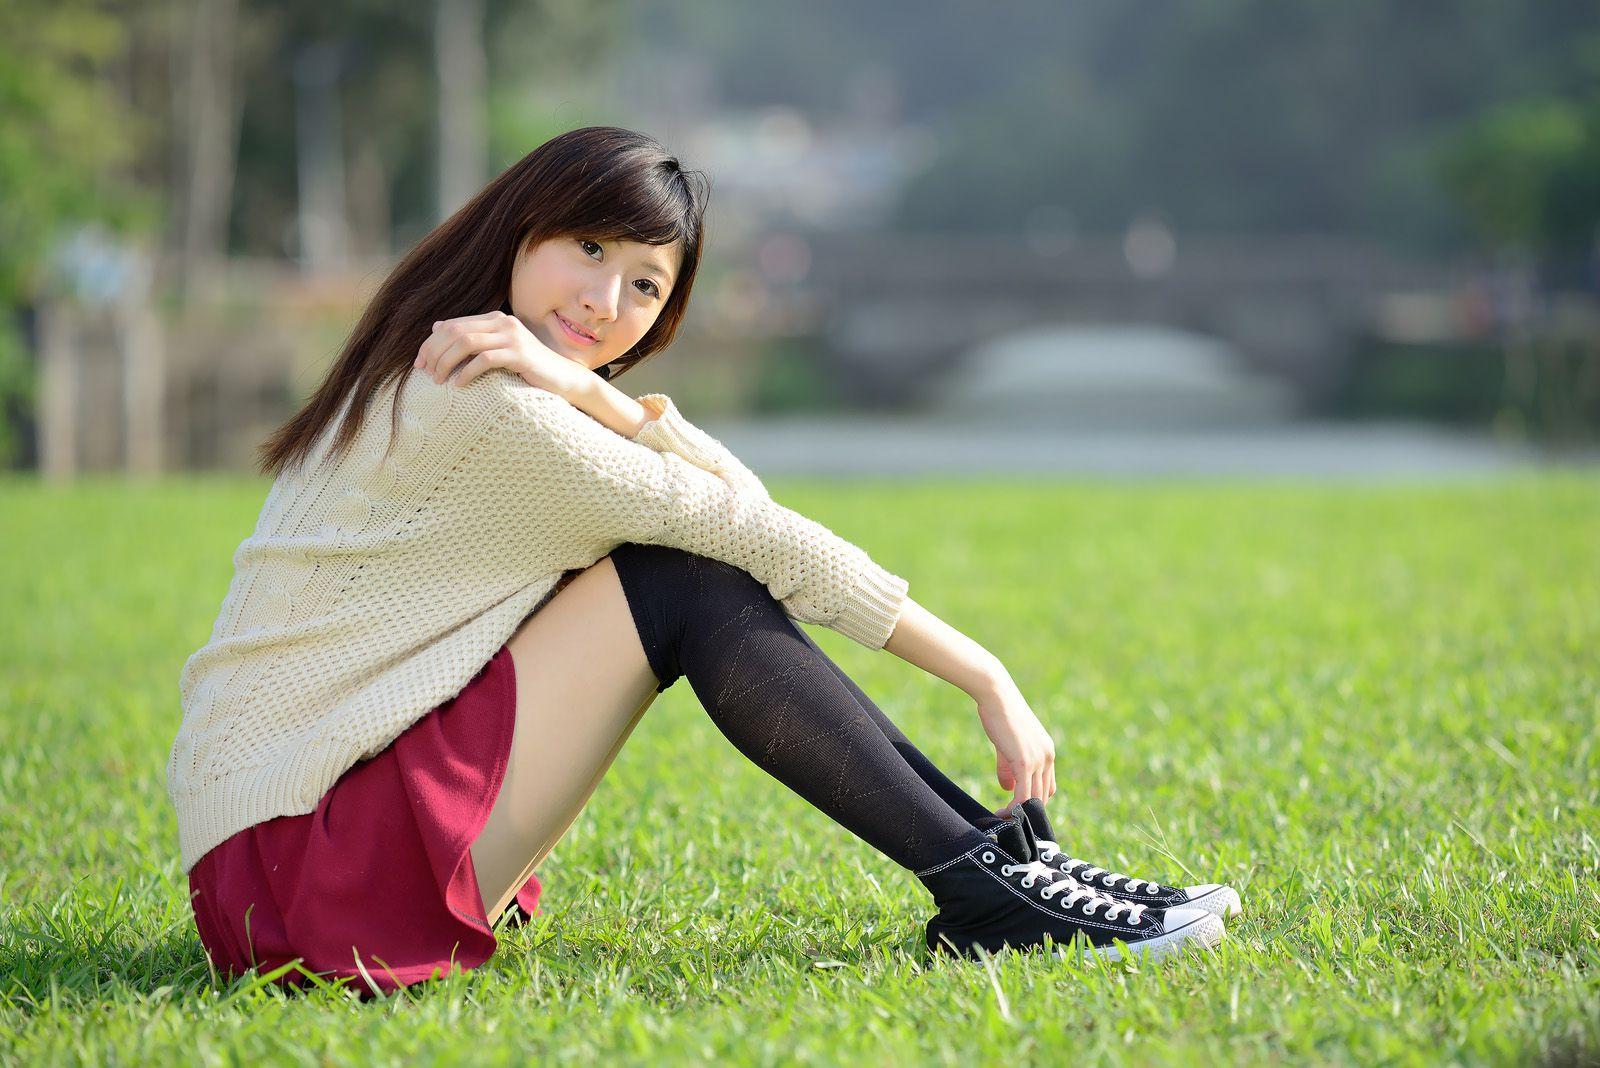 VOL.247 [台湾正妹]可爱清纯甜美乙女:林茉晶(腿模Queena)高品质写真套图(44P)